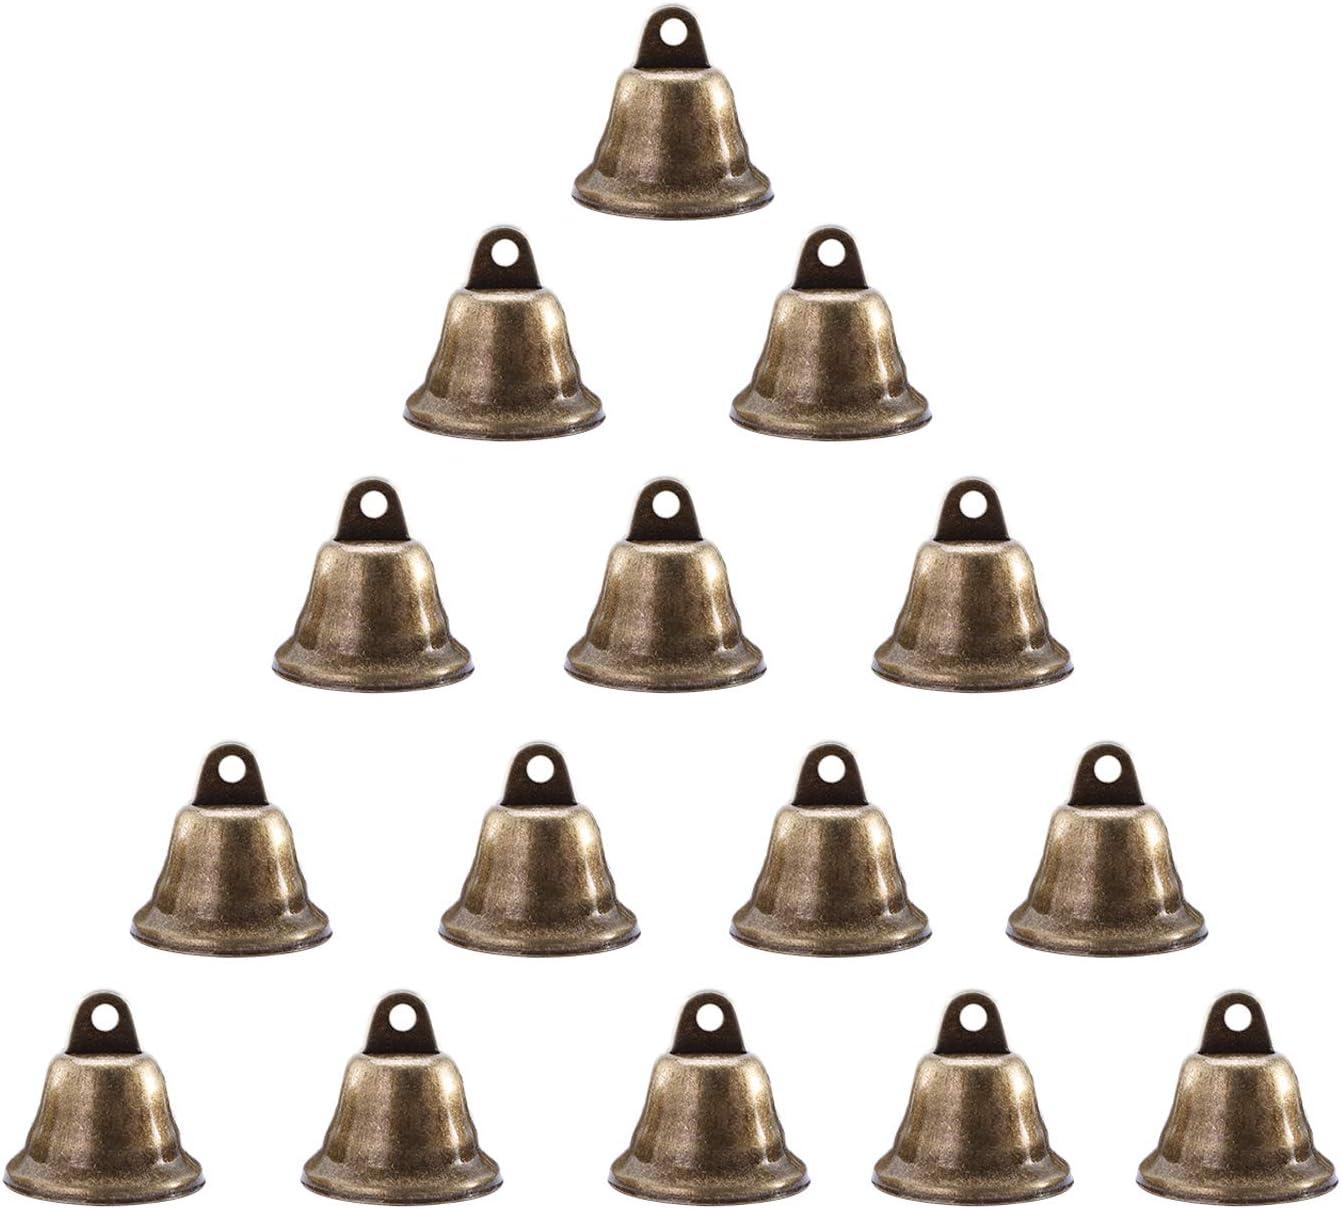 Anjing 10 St/ück Styropor-Glocken zum Verzieren von Weihnachtsbaum-H/ängen f/ür Kinder